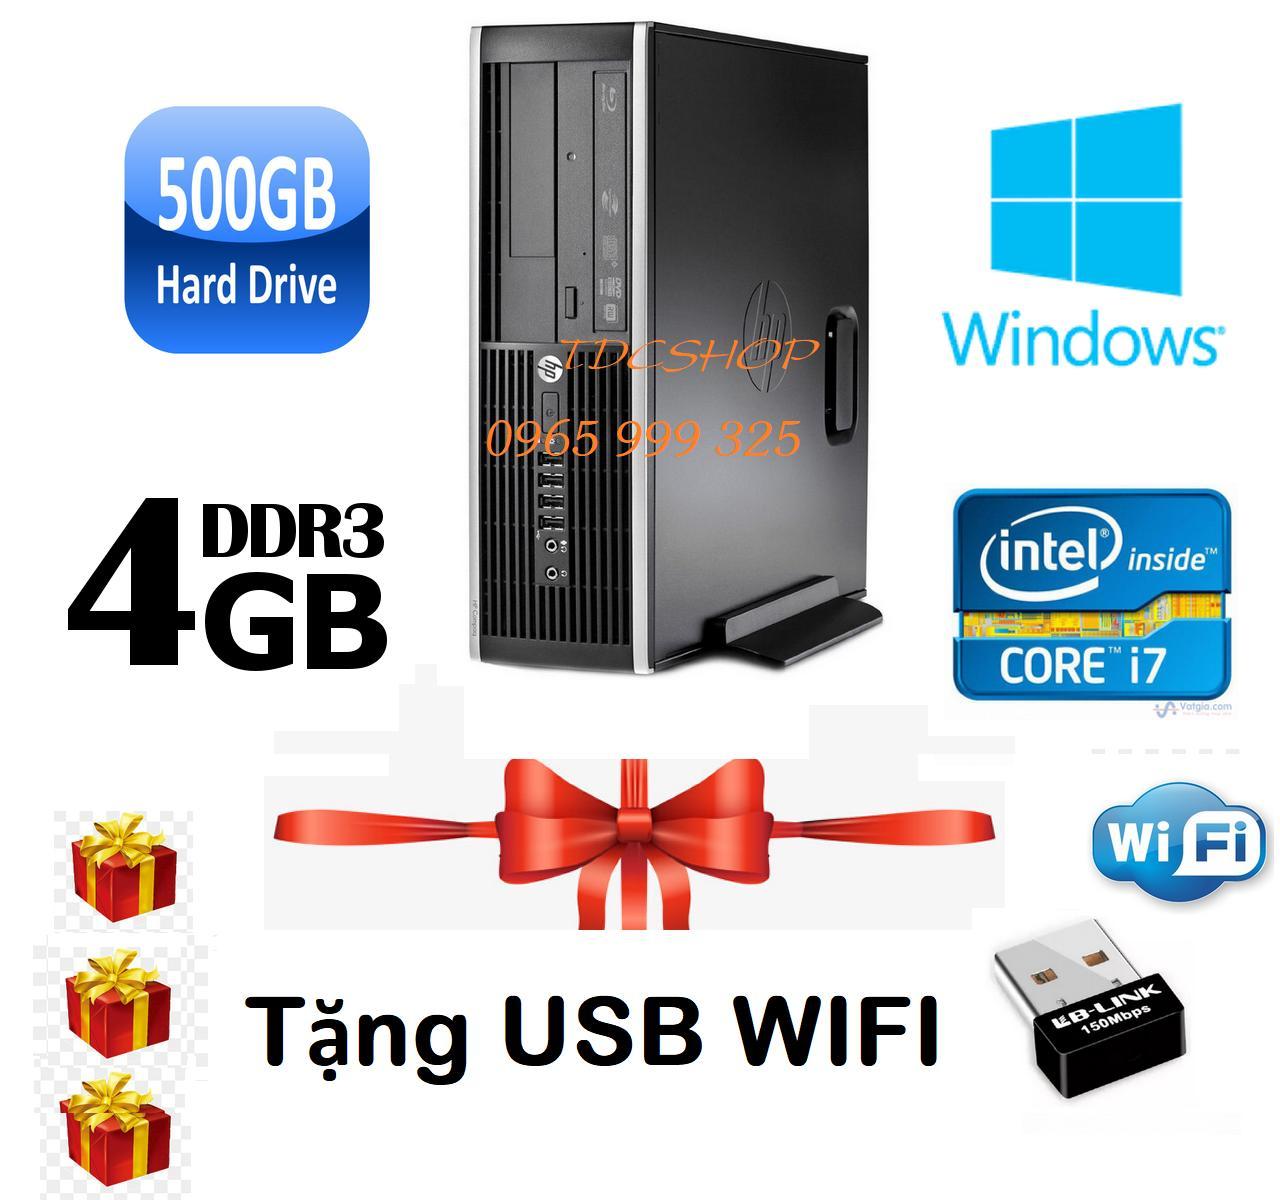 Thùng CPU HP 8200 Core i7 2600/ Ram 4gb/ Hdd 500gb, Tặng usb wifi, Bảo hành 1 đổi 1 trong 24 tháng - Hàng Nhập Khẩu.